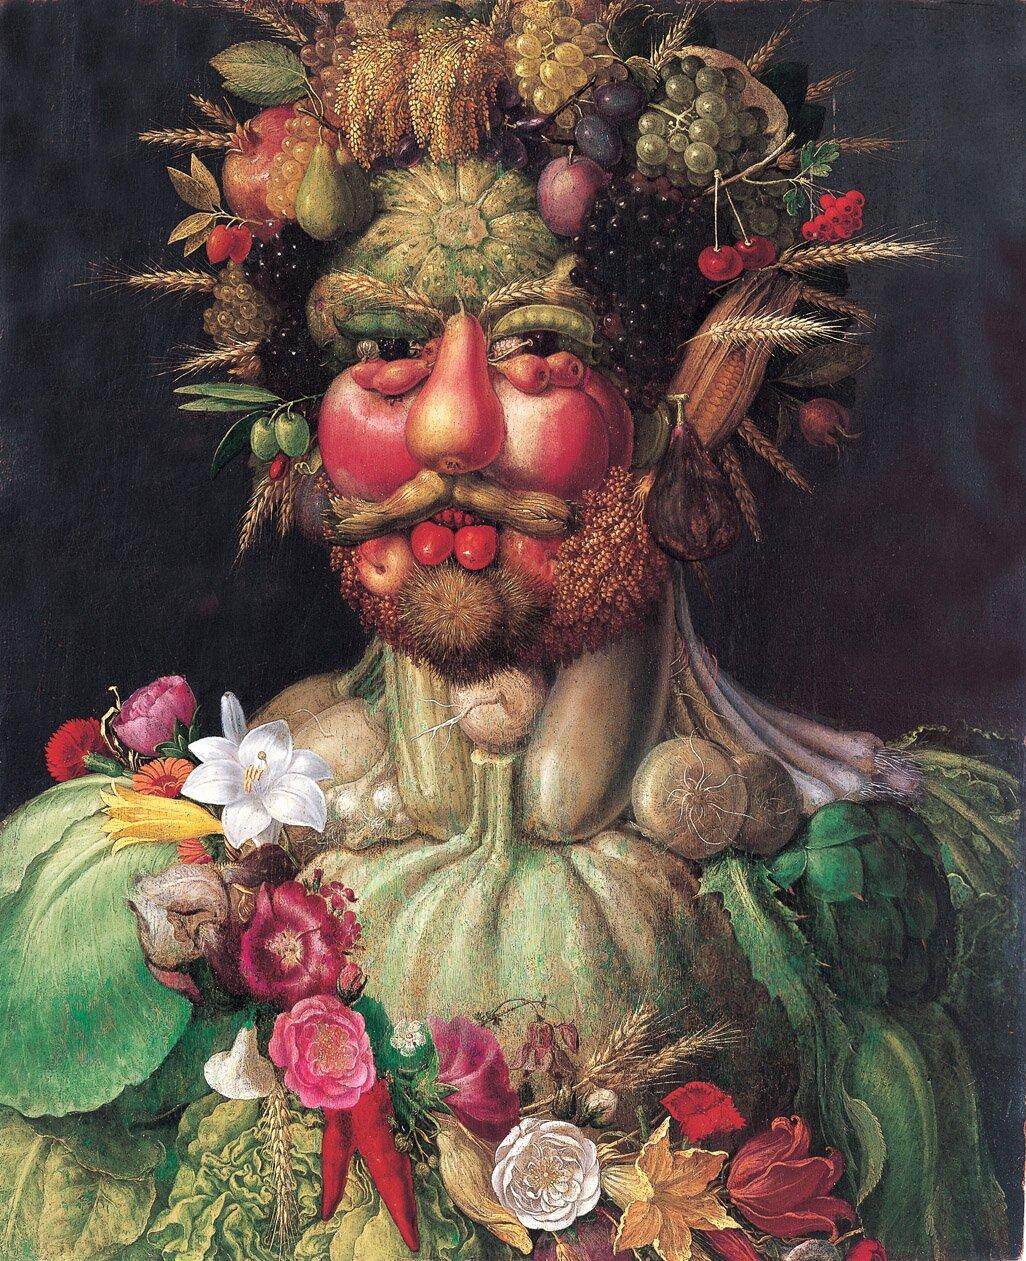 Alegoryczny portret cesarza Rudolfa II. (1590) Alegoryczny portret cesarza Rudolfa II. (1590) Źródło: Giuseppe Arcimboldo, ok. 1590, Olej na płótnie, Skokloster Castle, domena publiczna.